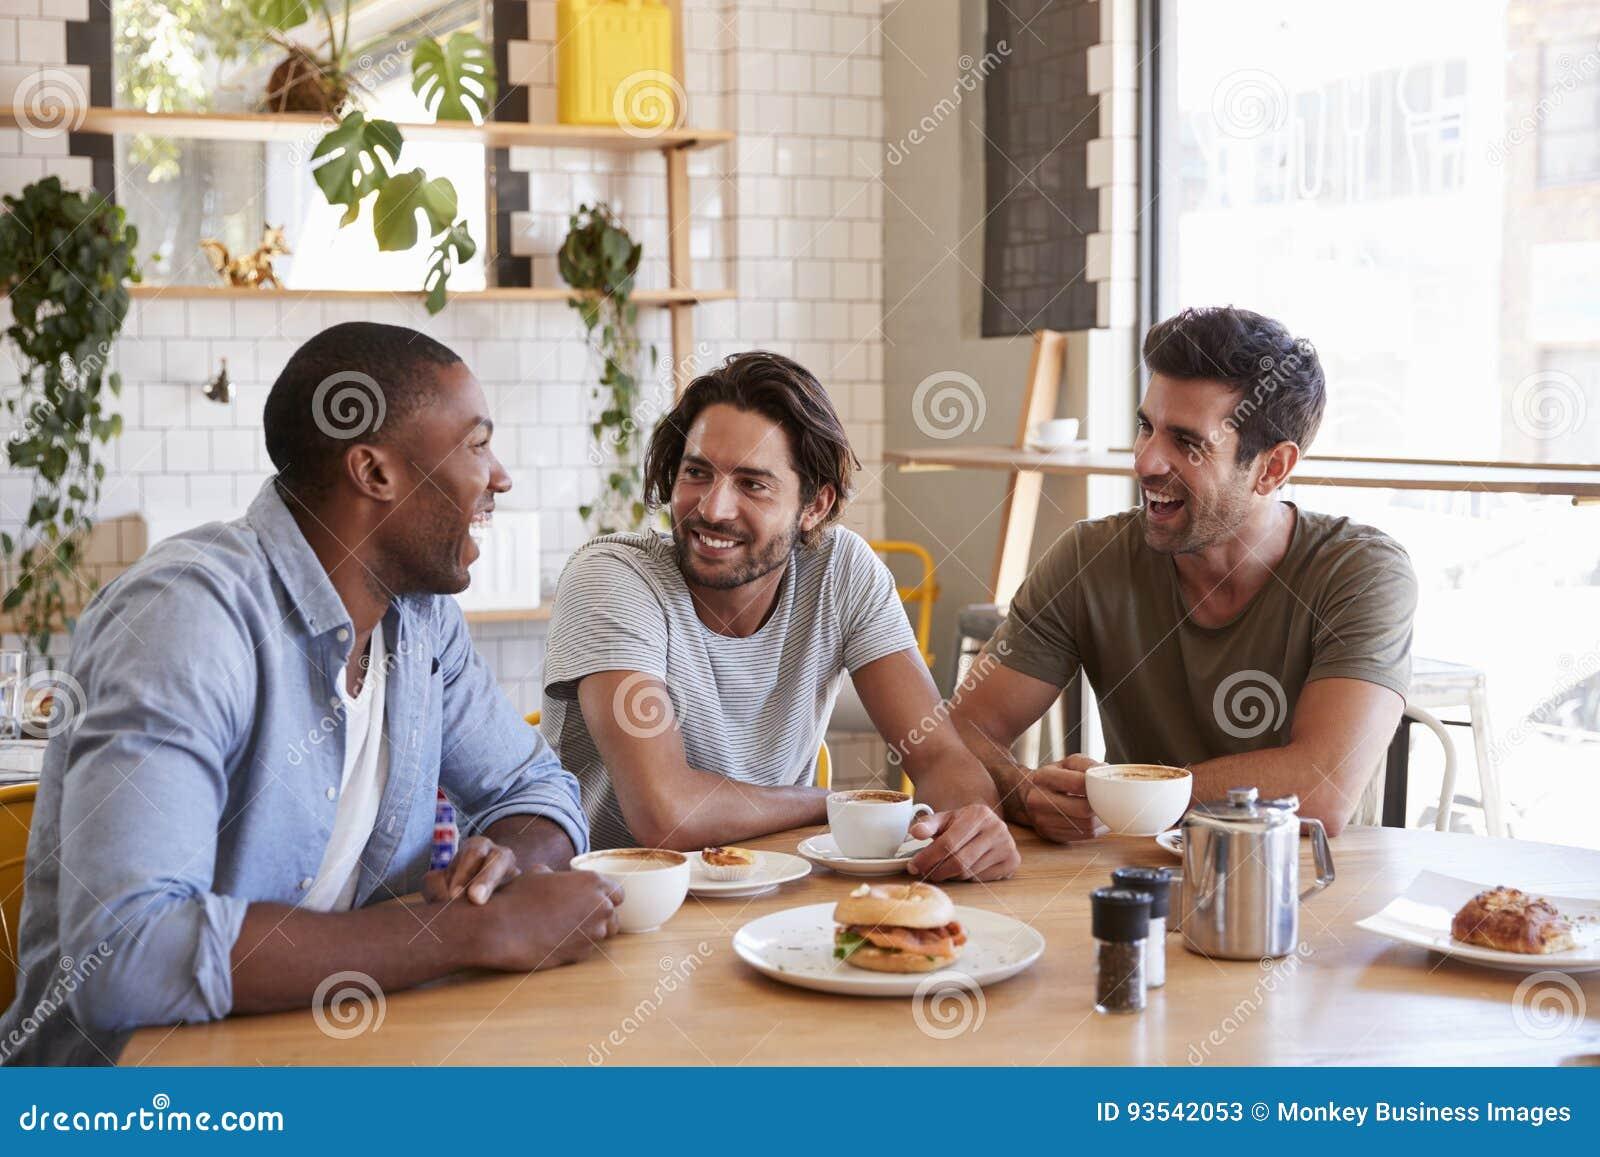 Tre amici maschii che si incontrano per il pranzo in caffetteria